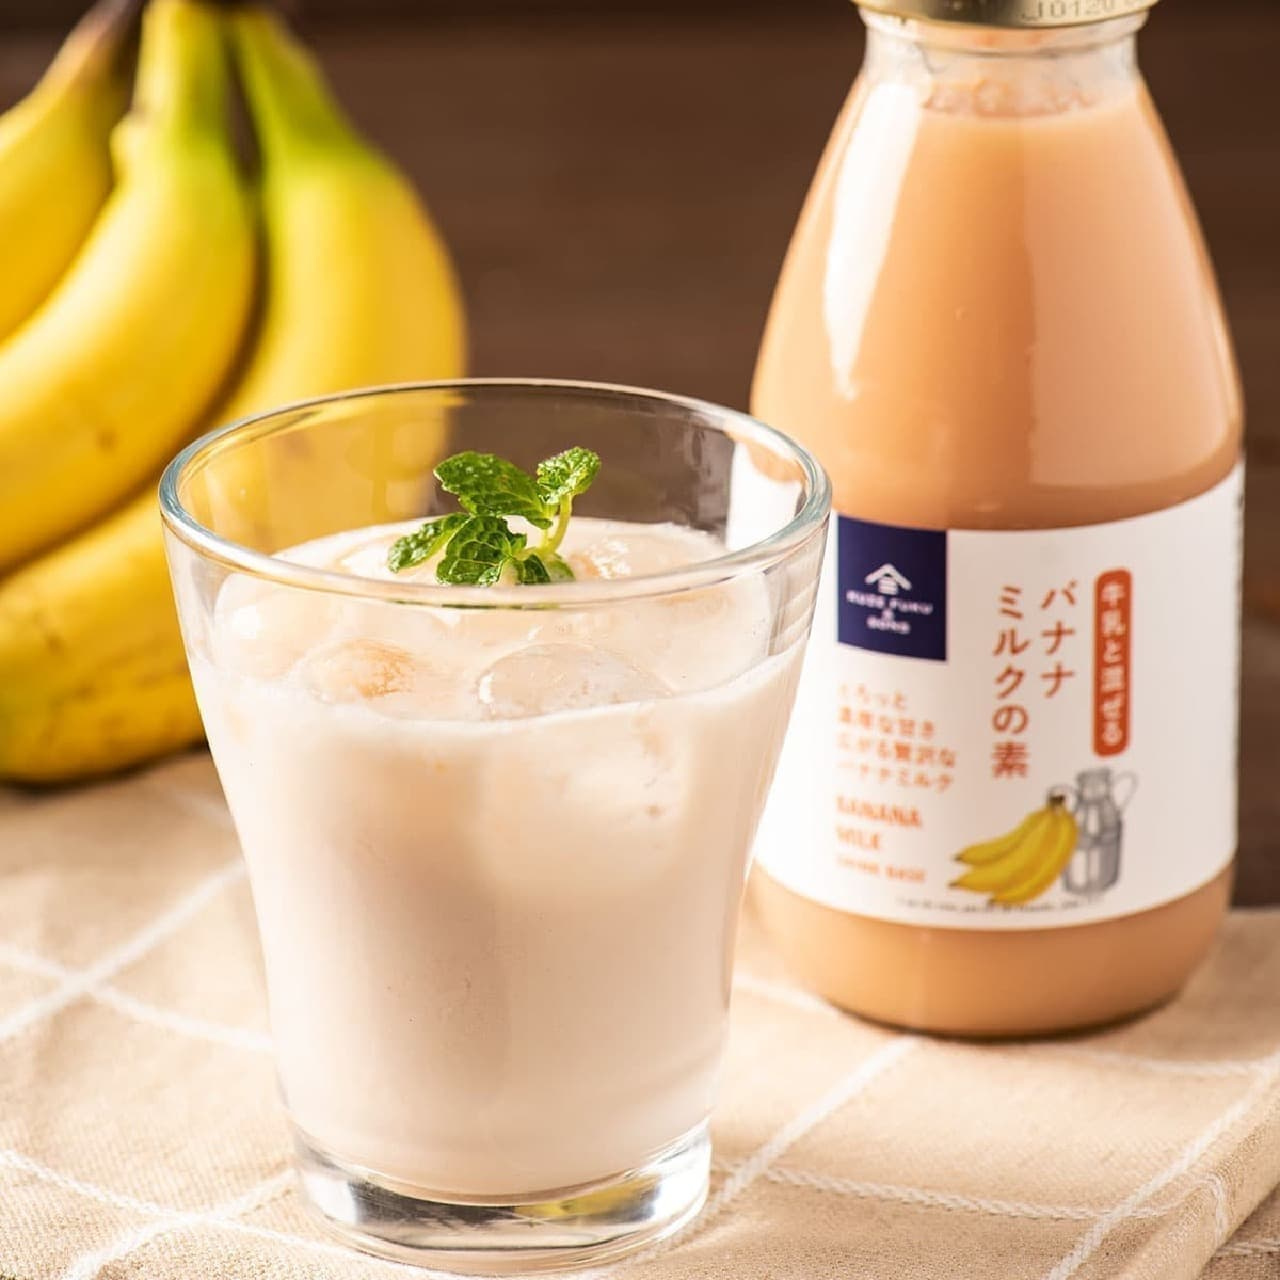 久世福商店「牛乳と混ぜる バナナミルクの素」